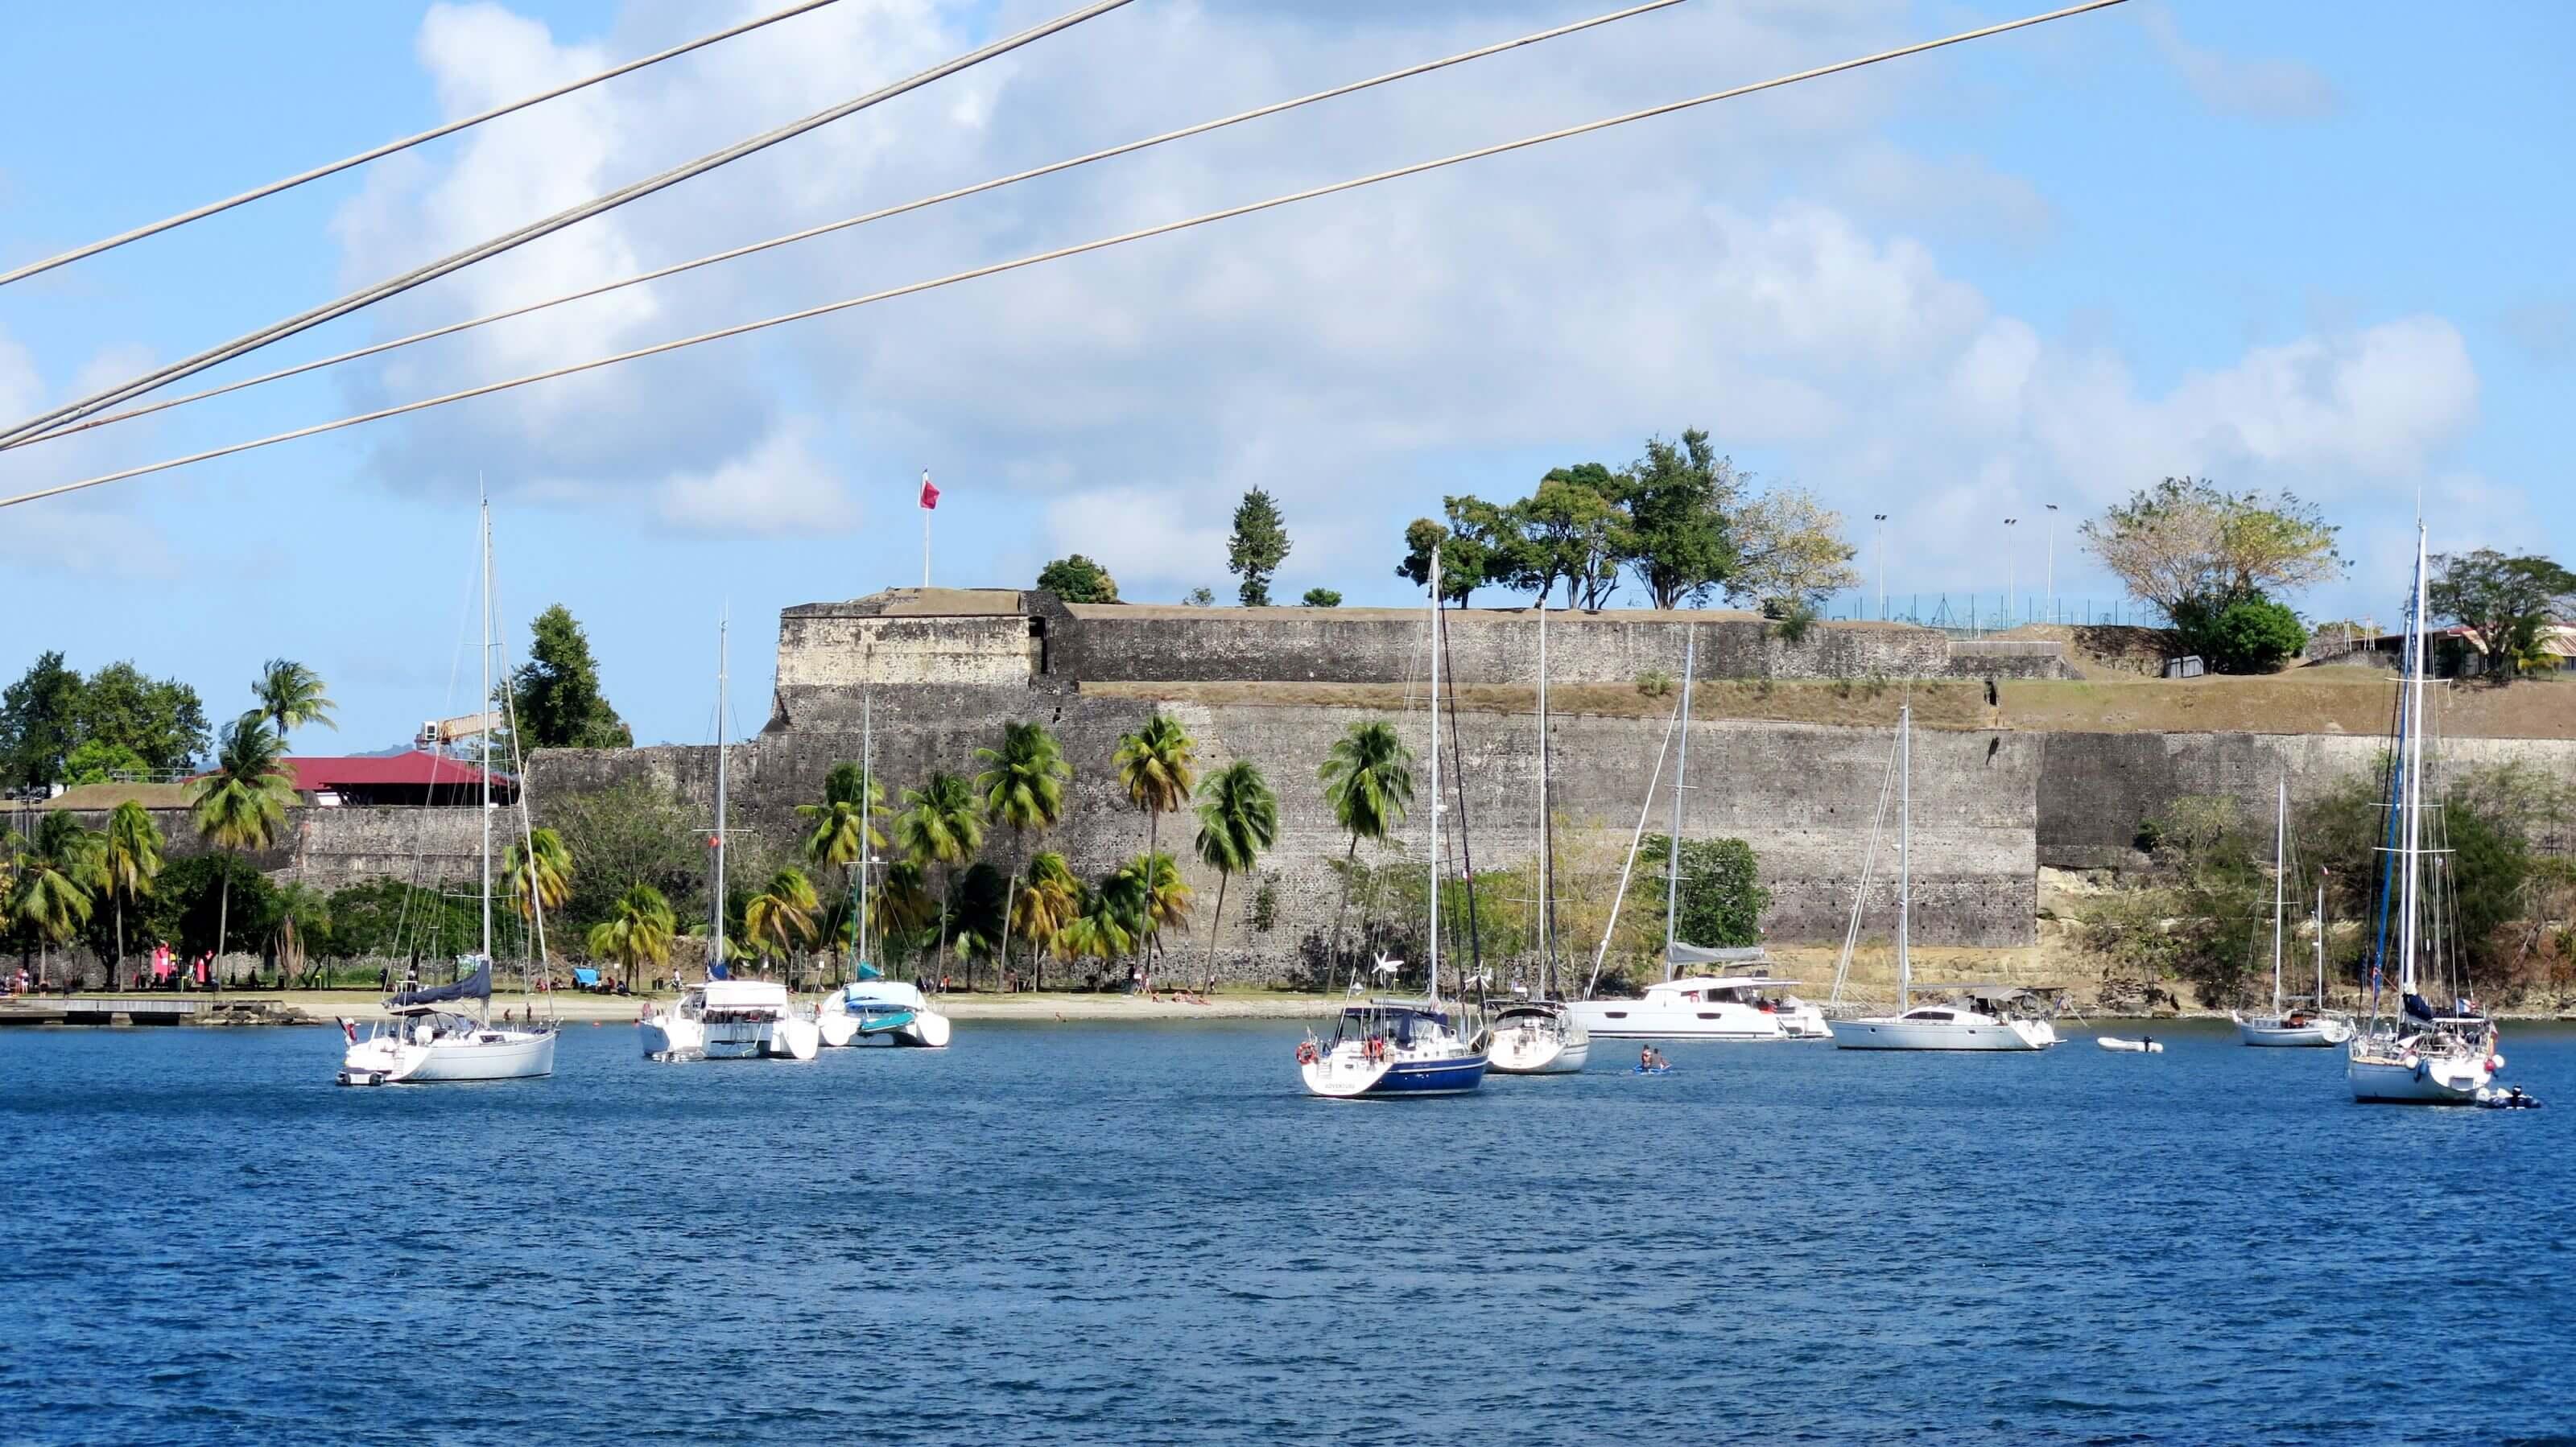 #Fort-de-France